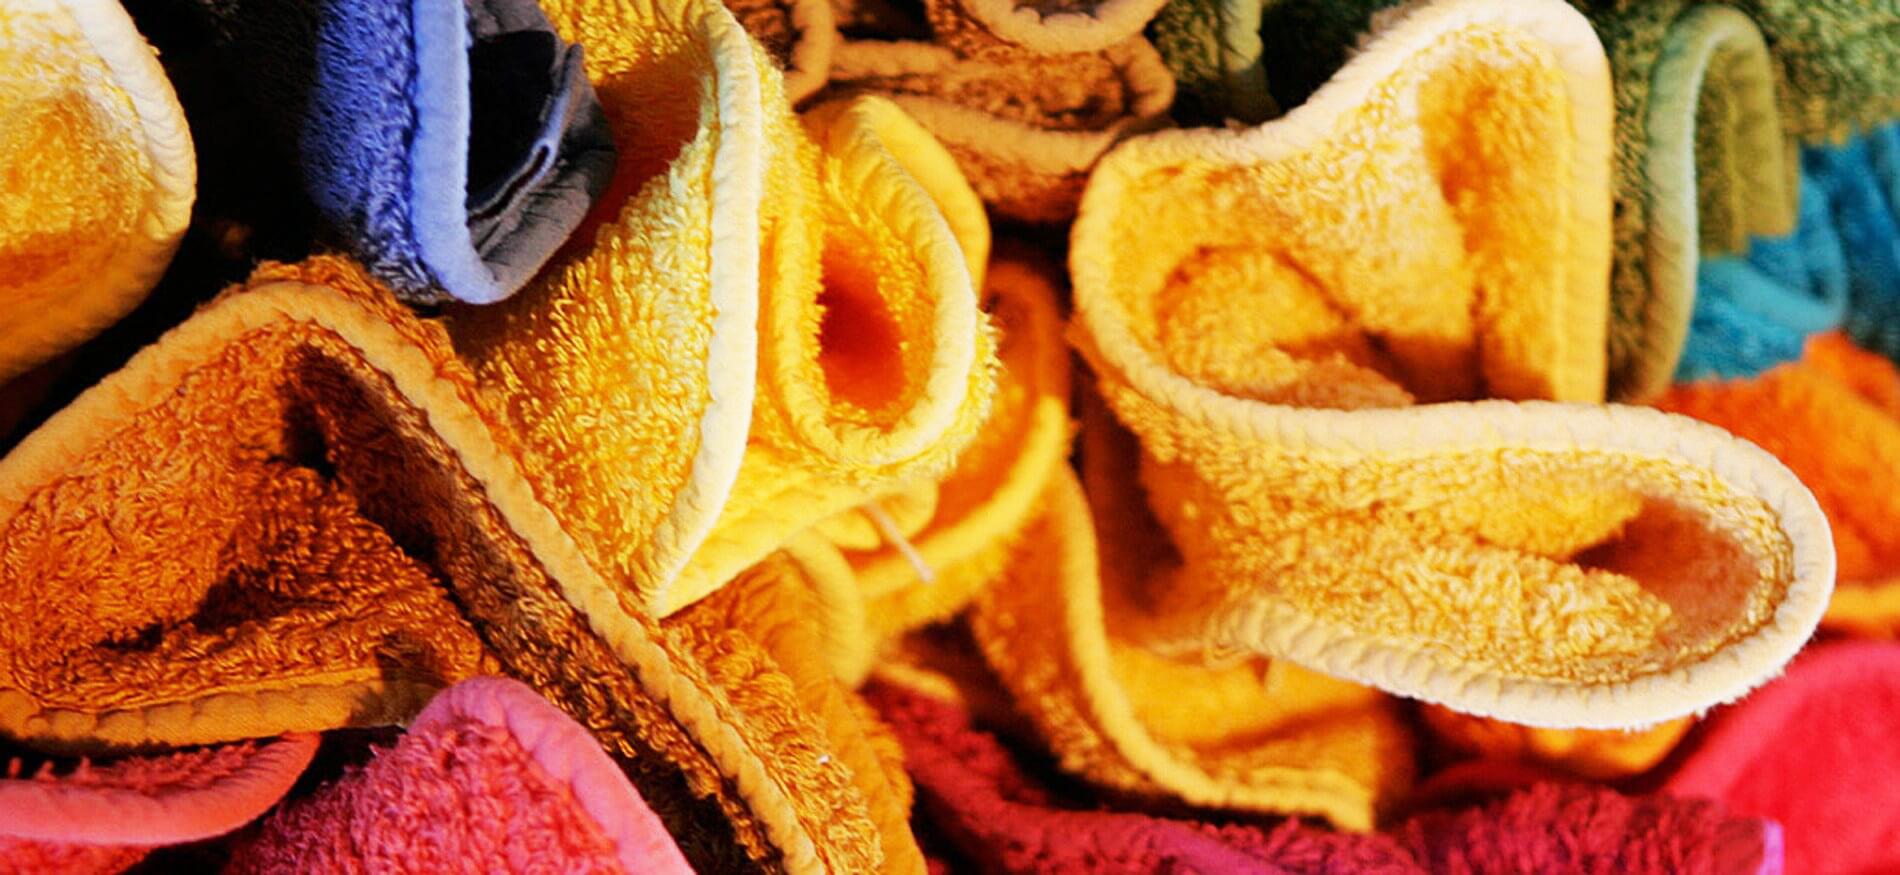 Abyss & Habidecor - Handtücher aus feinster Ägyptischer GIZA-Baumwolle